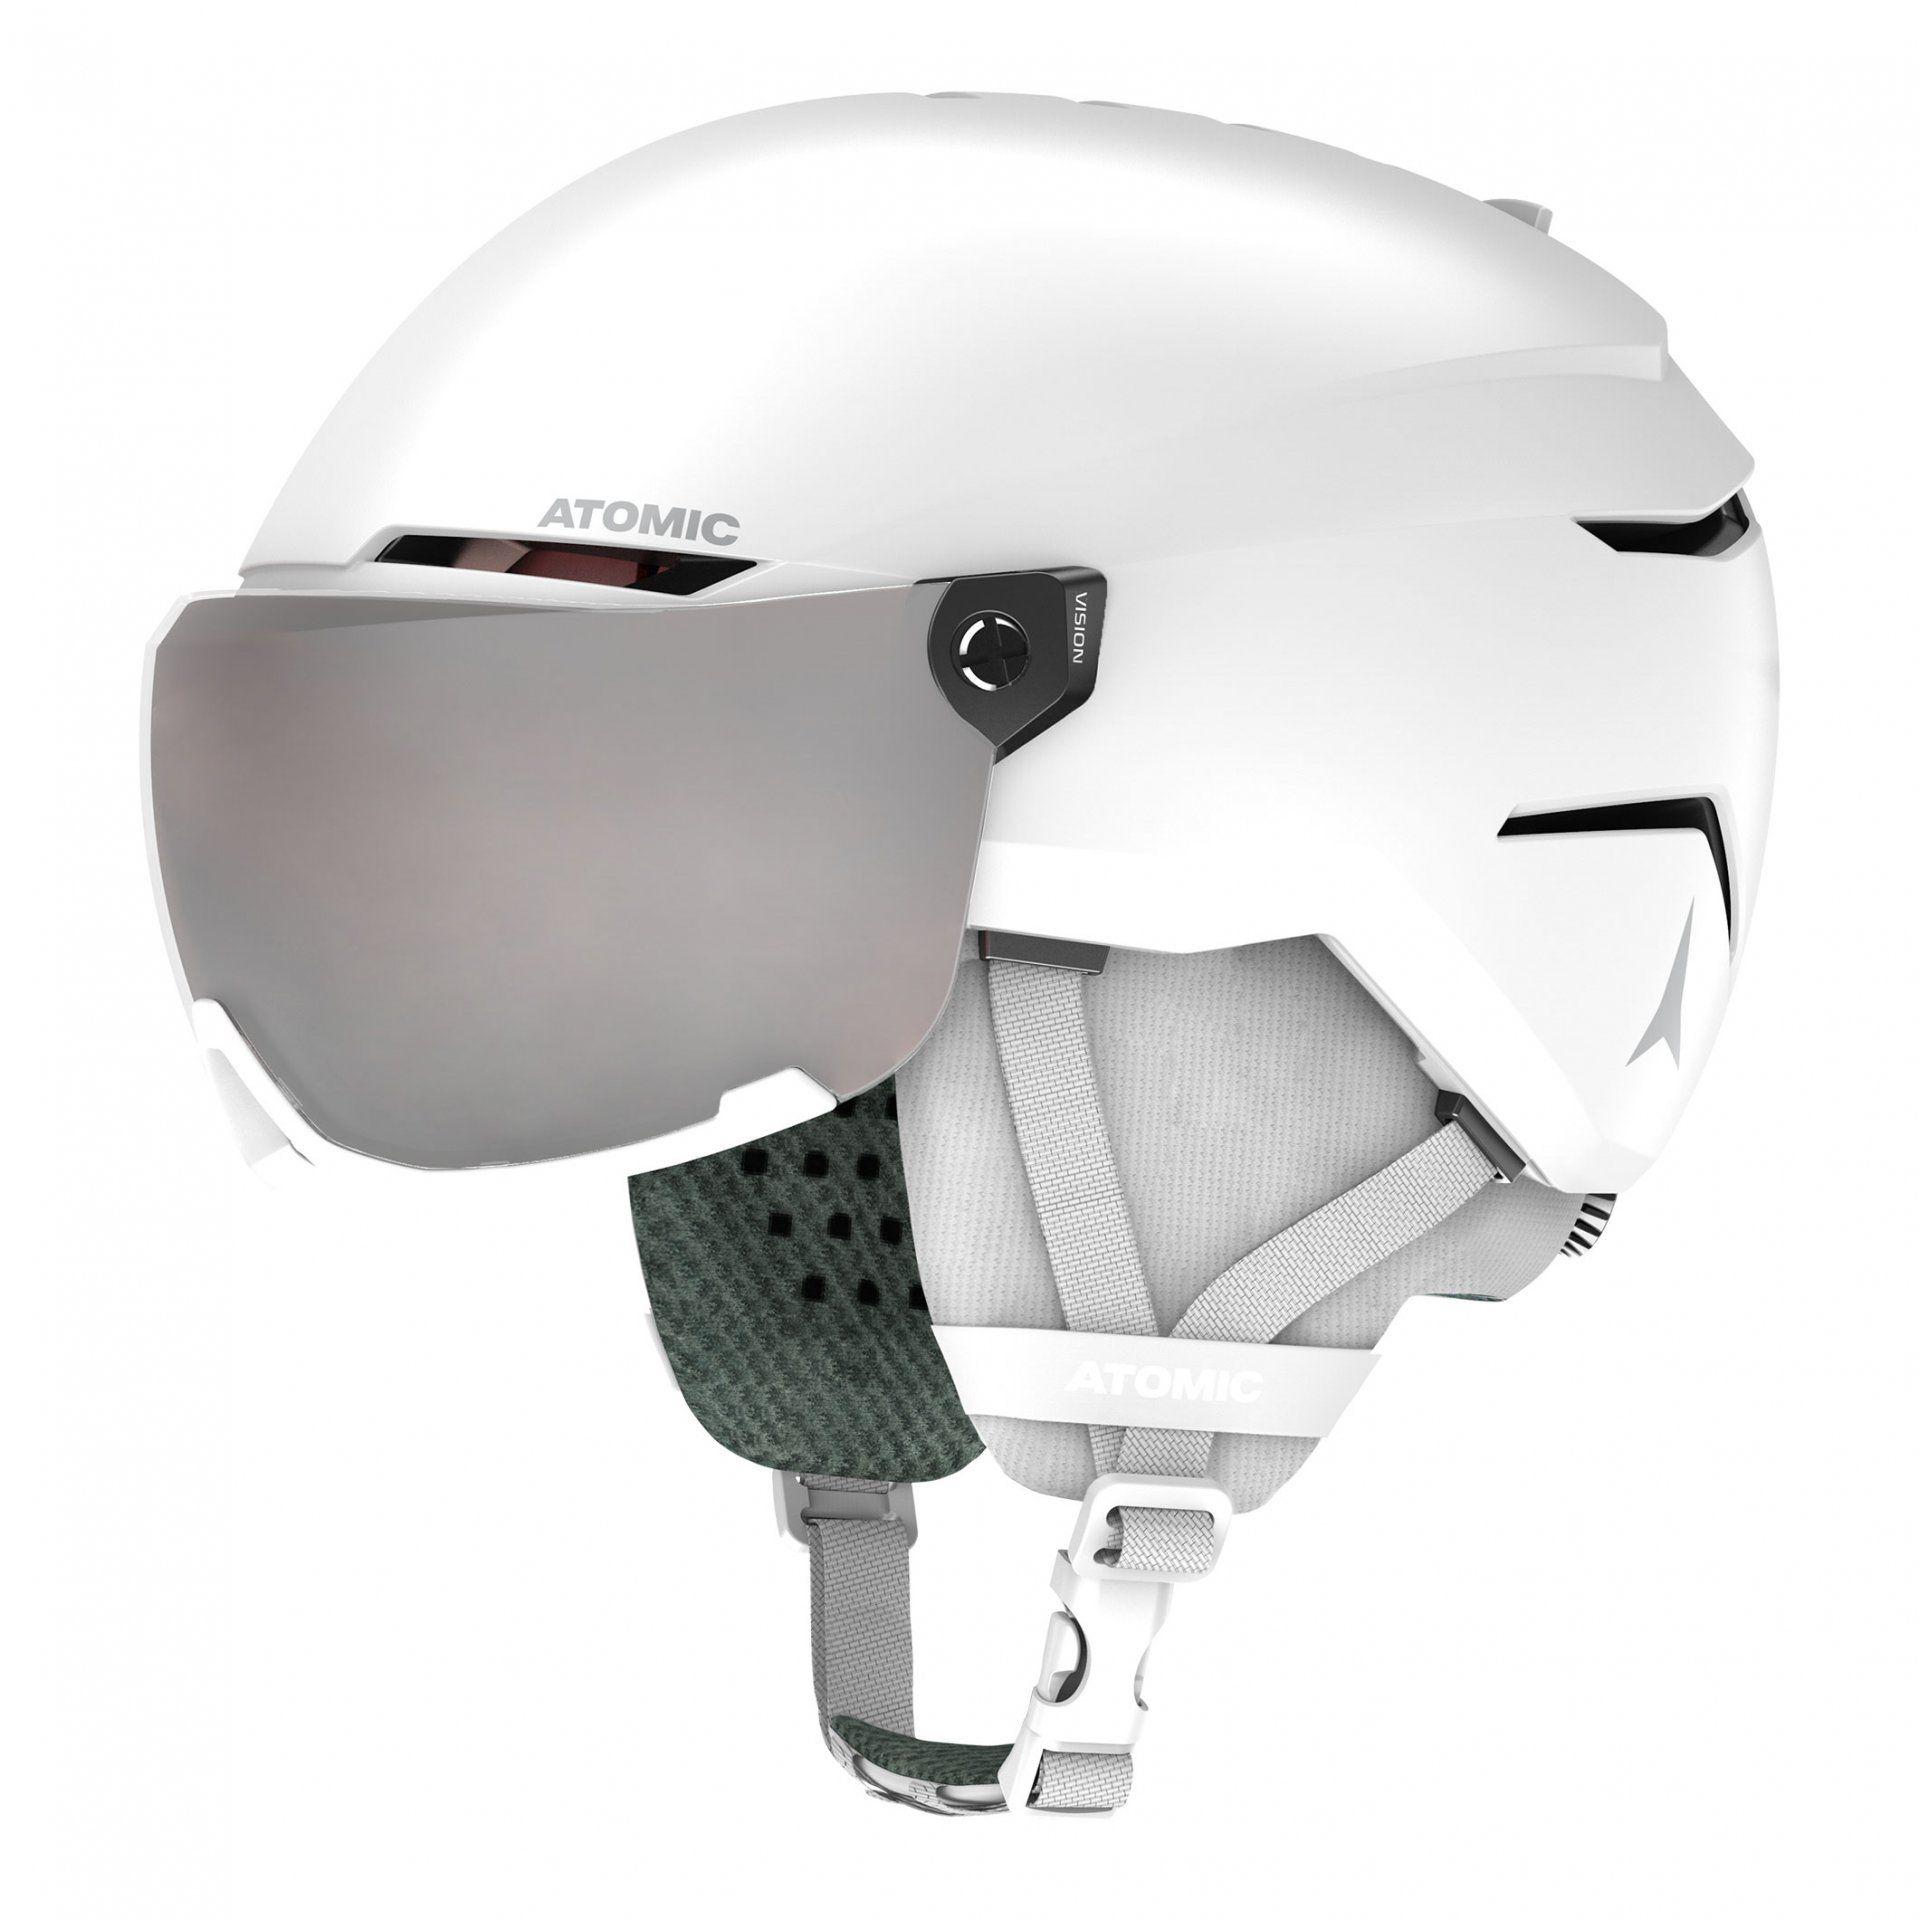 KASK ATOMIC SAVOR VISOR JR WHITE AN5005890